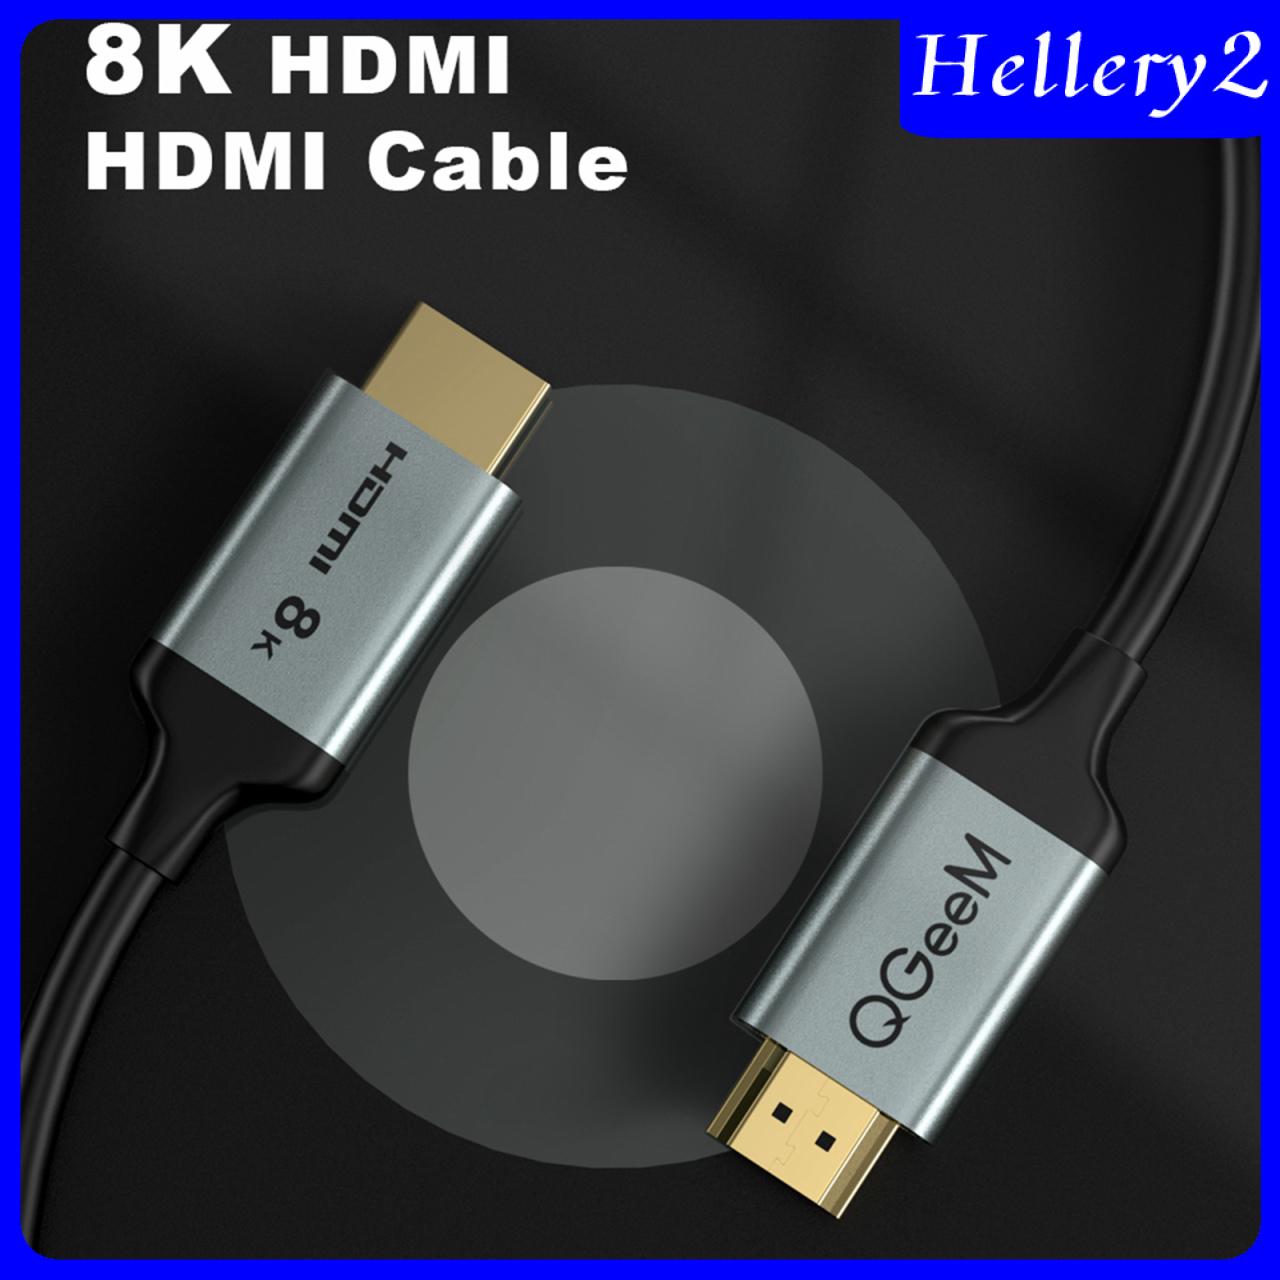 Dây Cáp Truyền Dữ Liệu Tốc Độ Cao Helery2) Hdmi 2.1 8k 48gbps